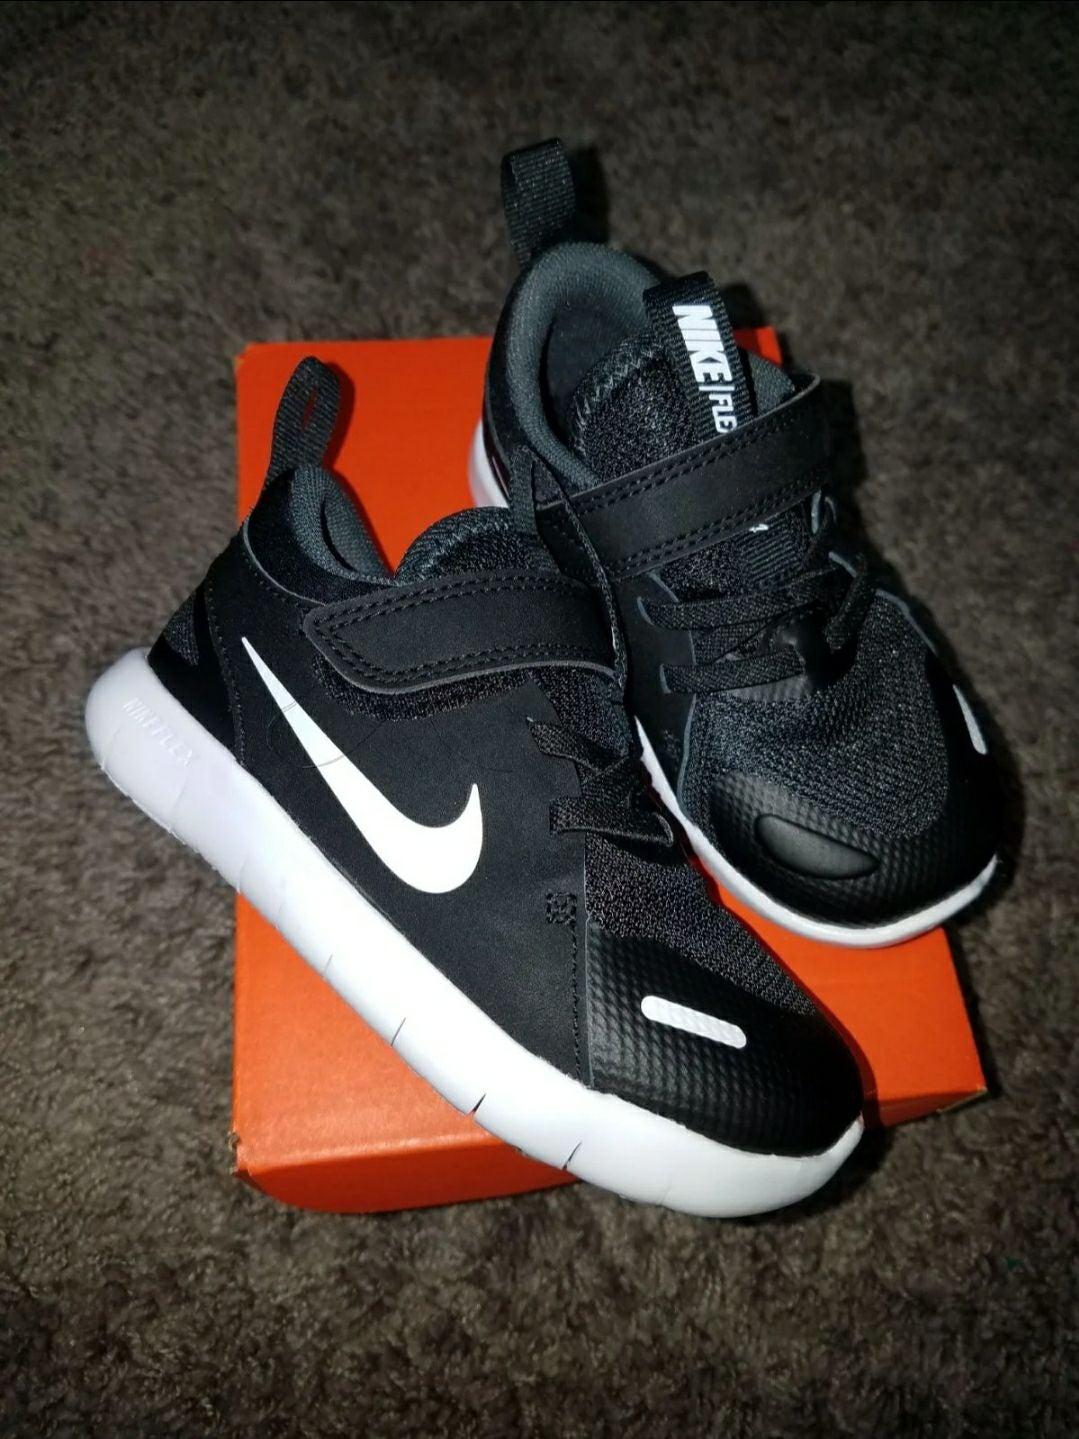 Toddler Nike 8C